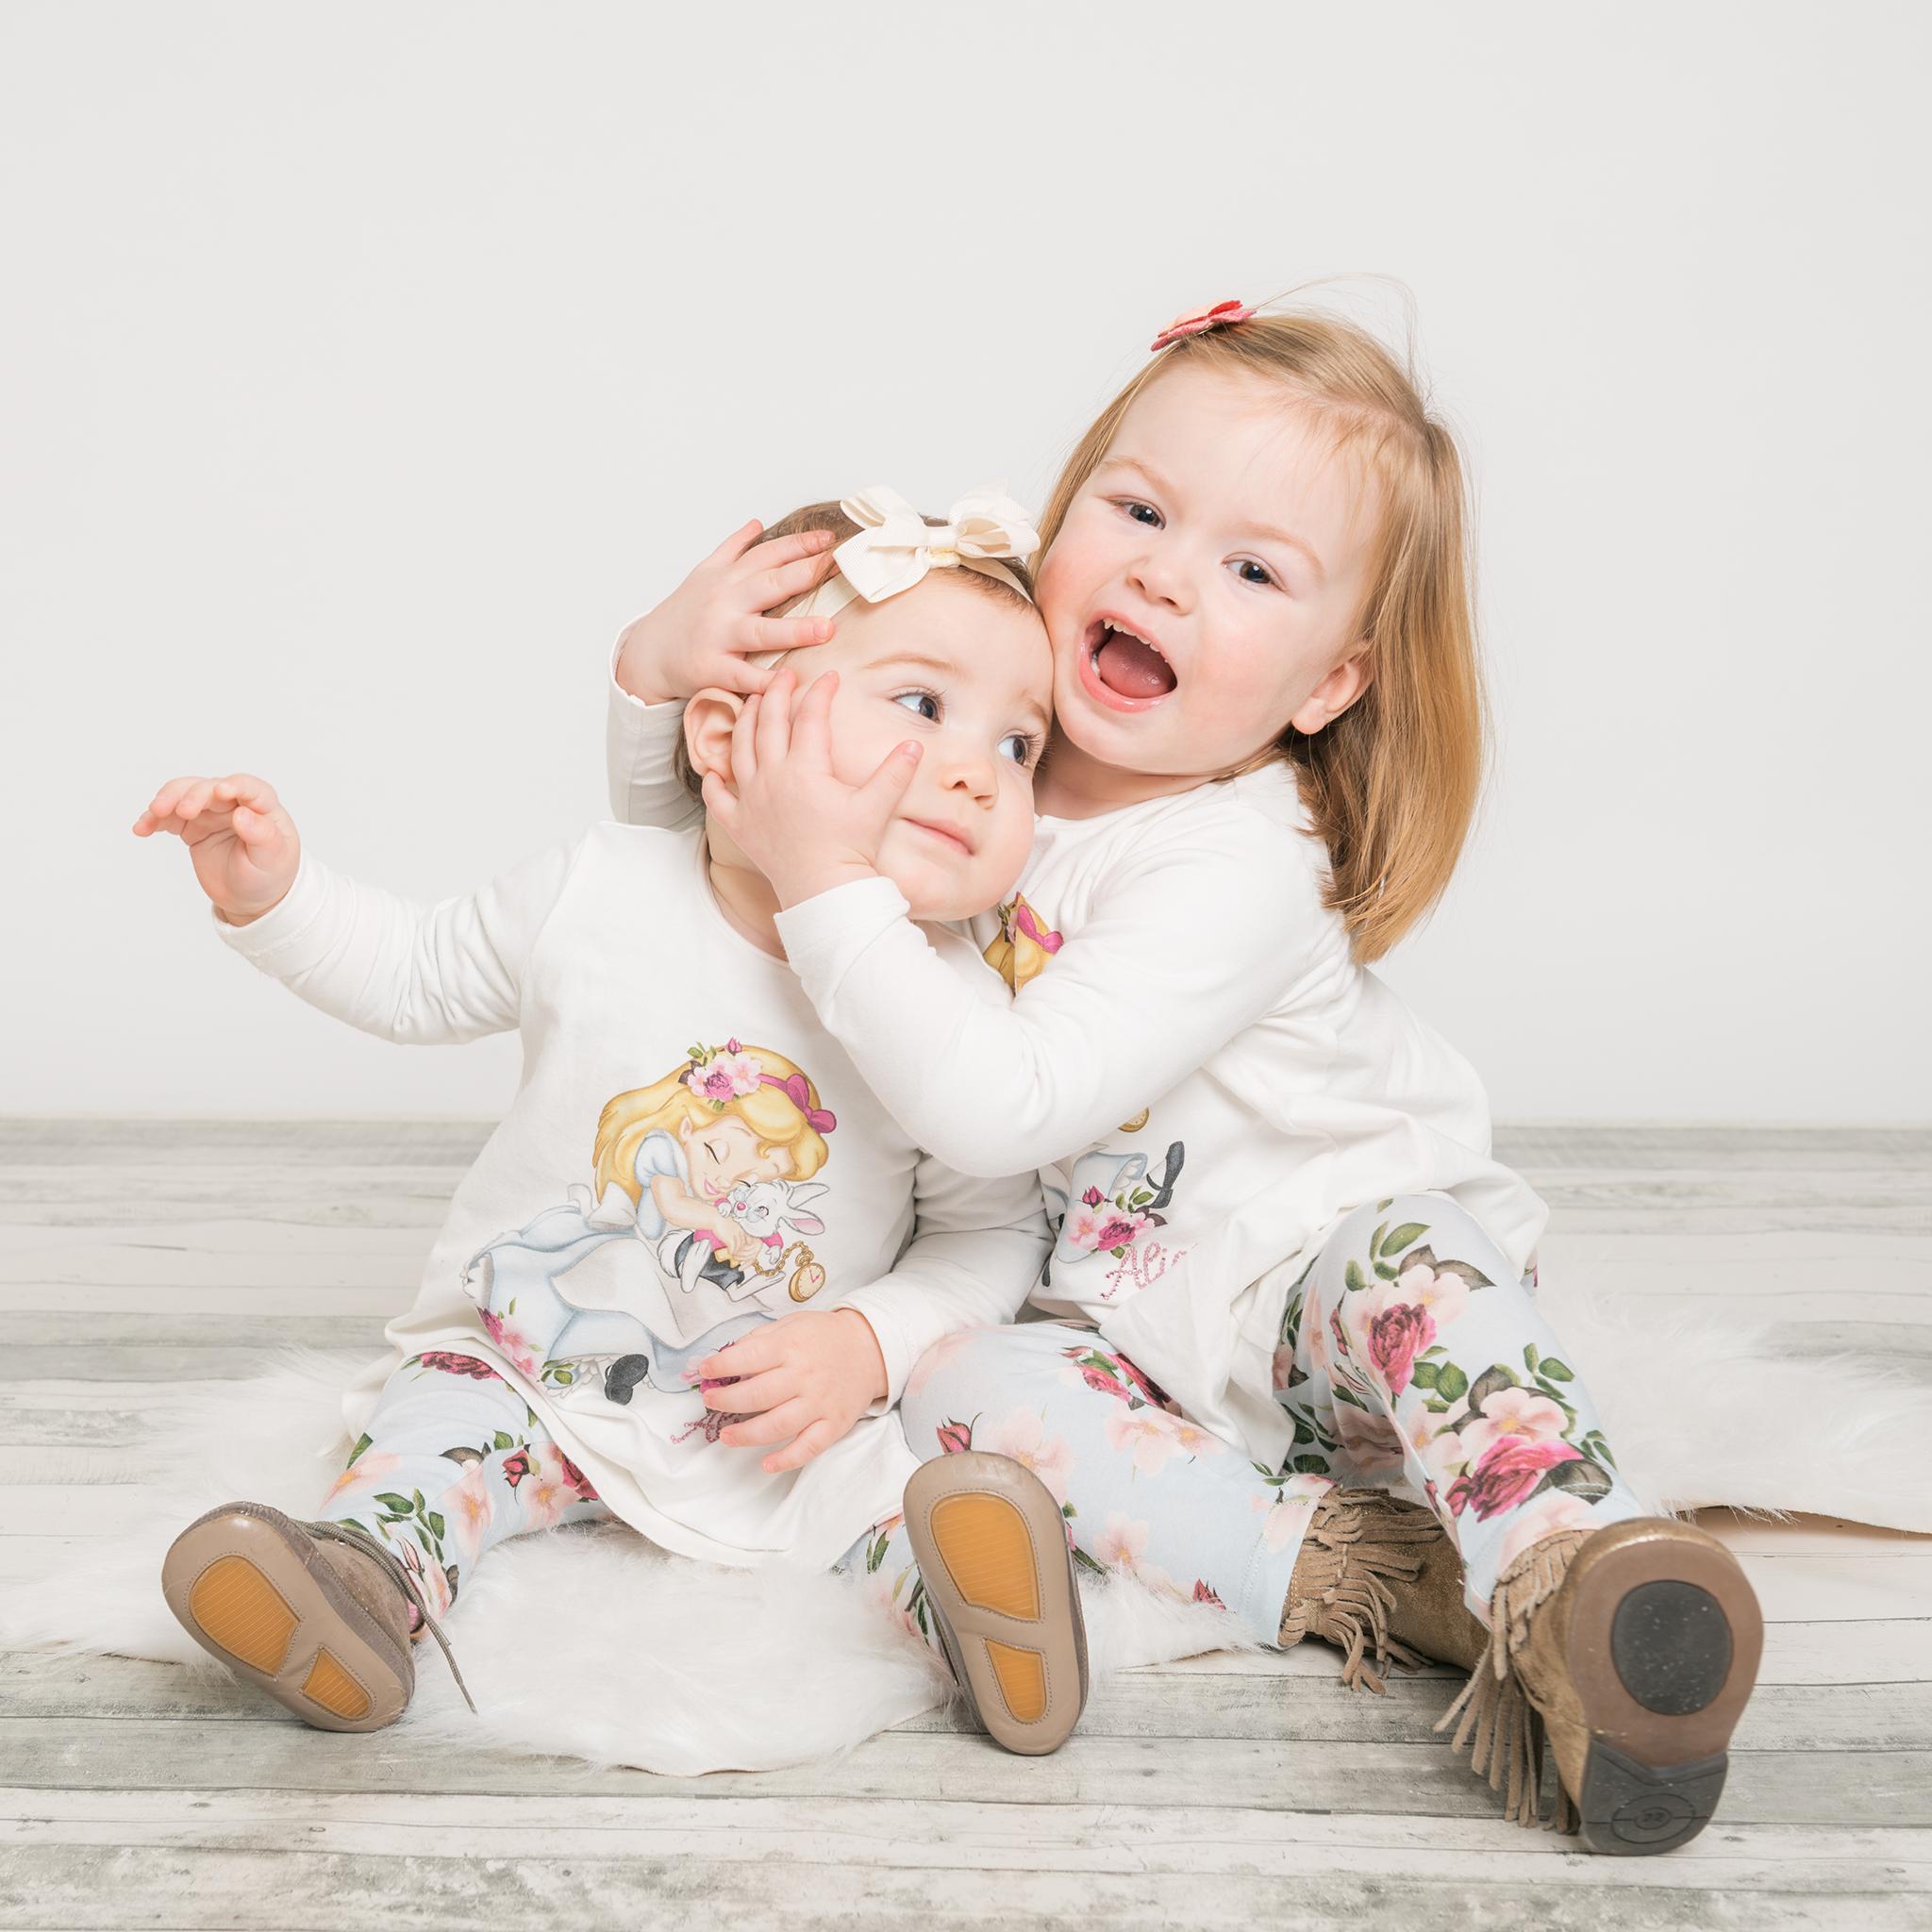 Familie_fotoshoot-2.jpg